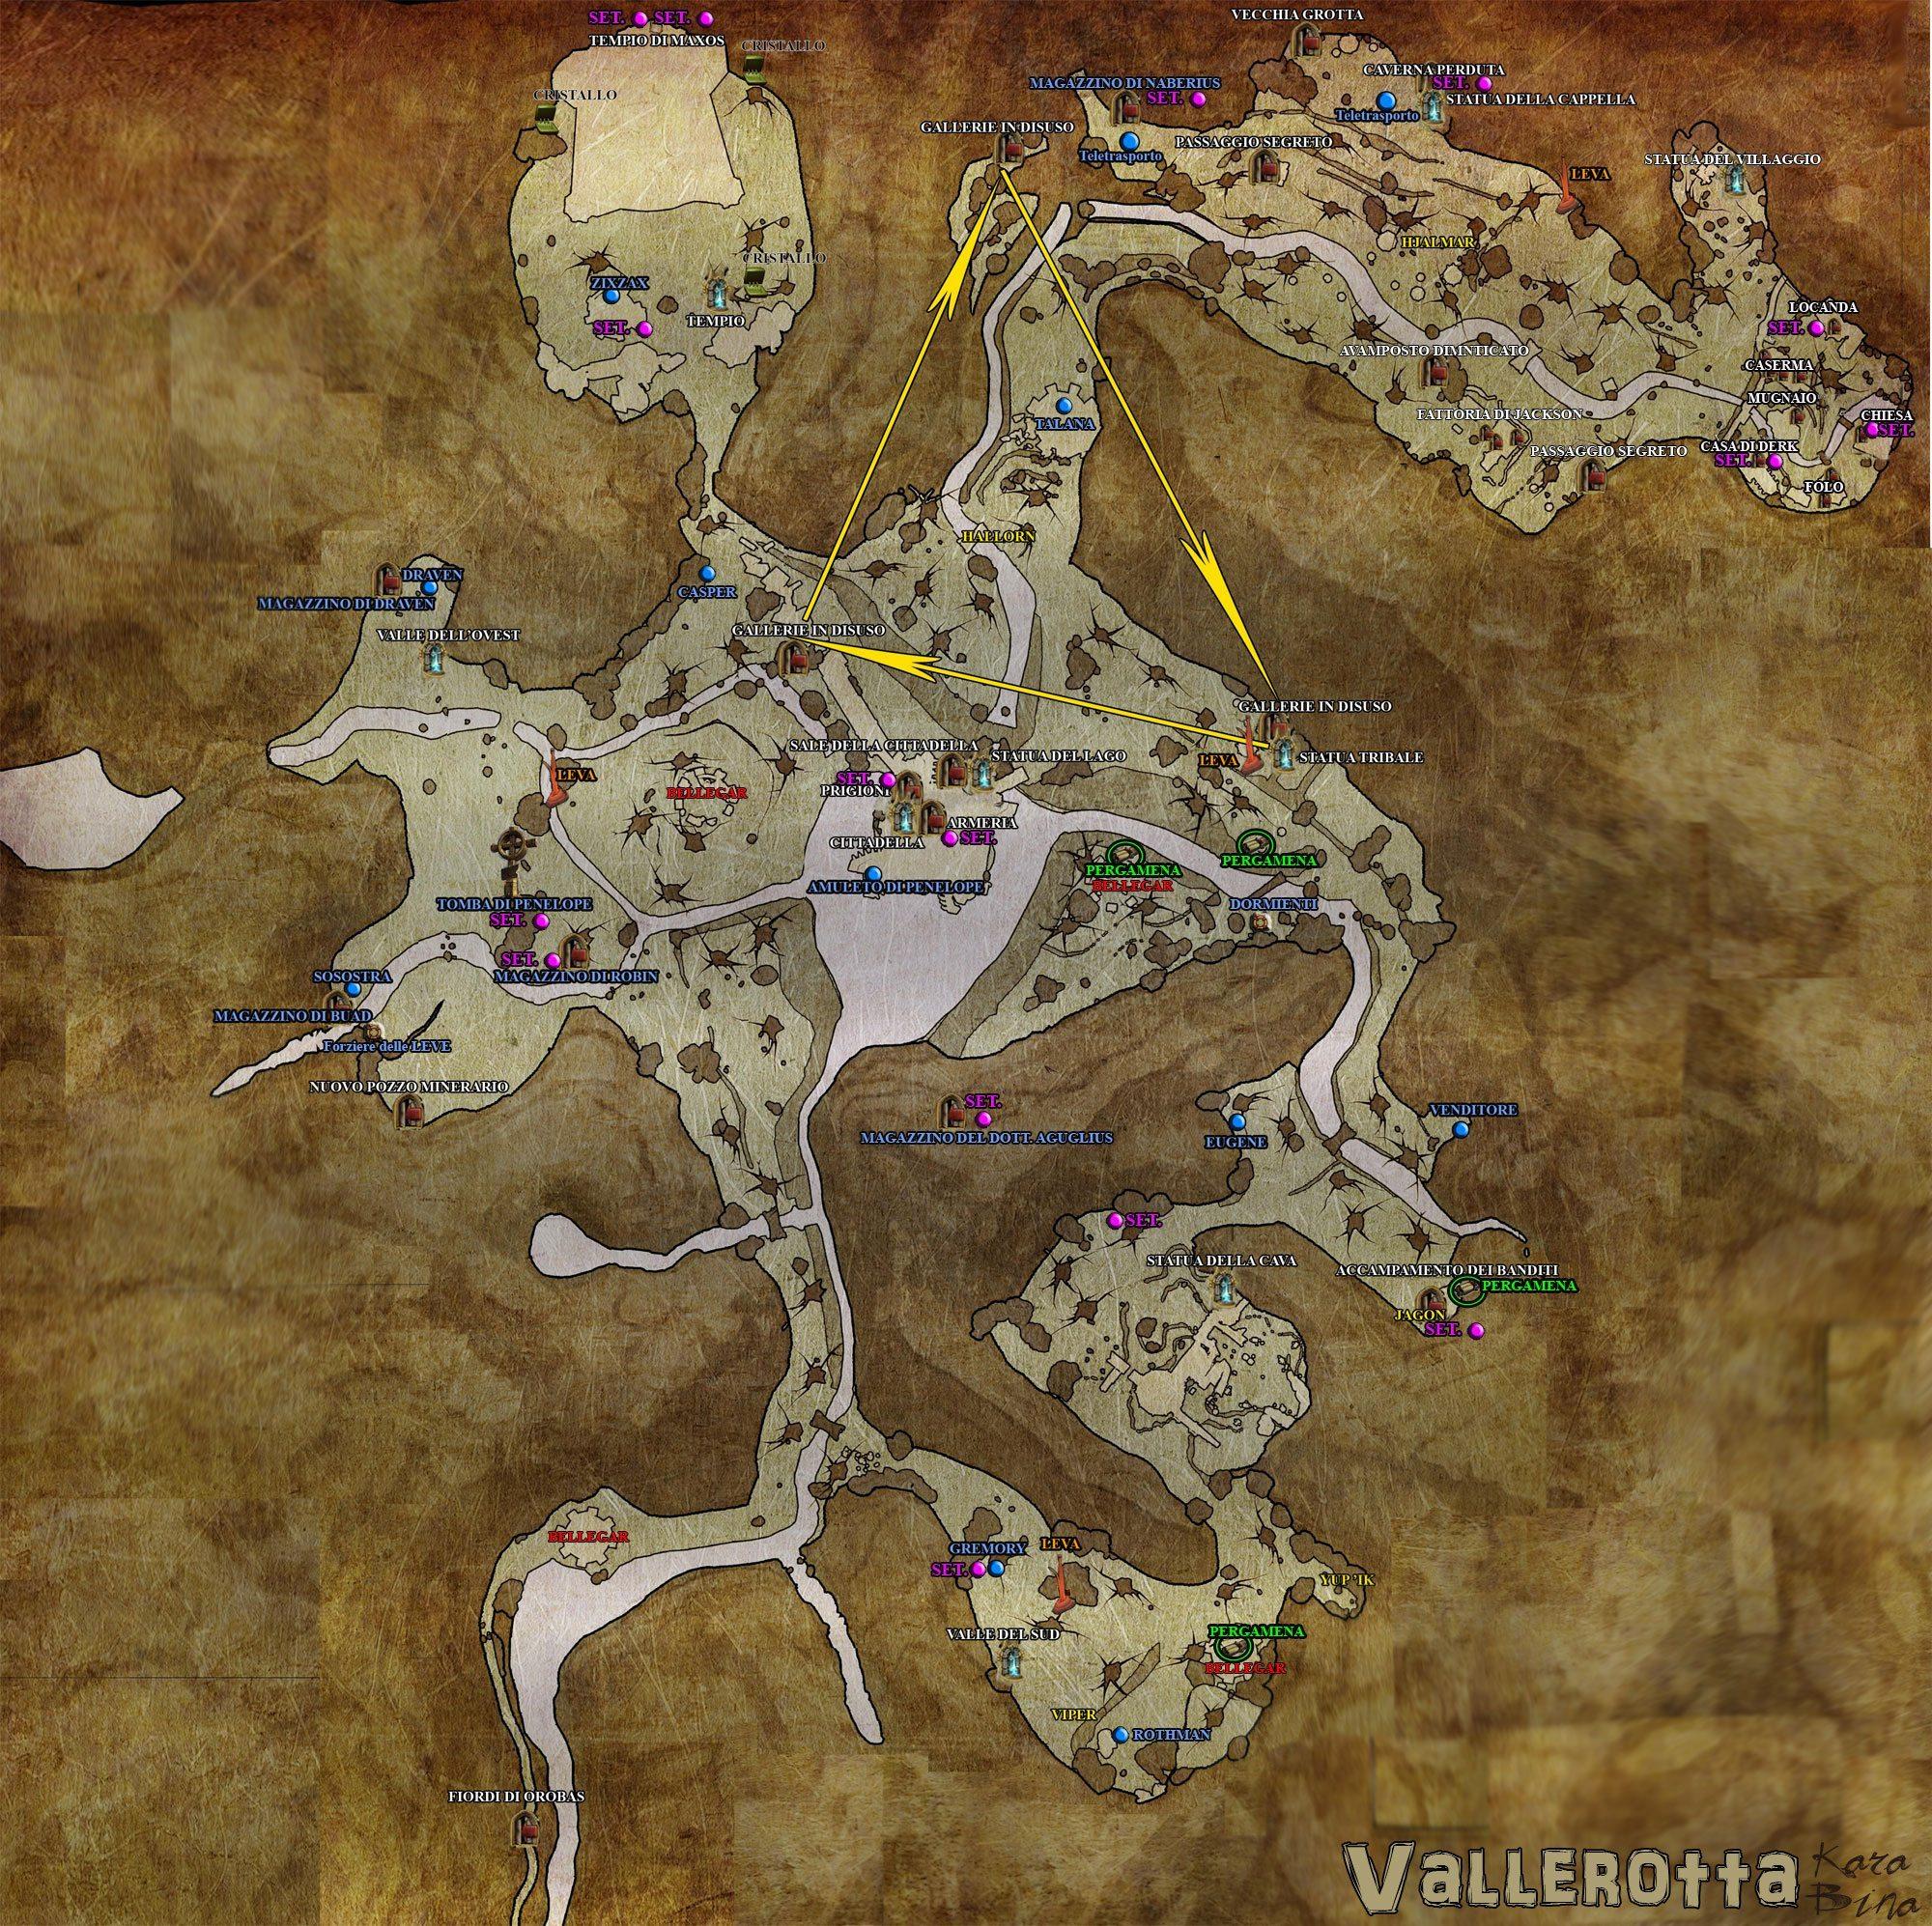 Mappa completa di Vallerotta